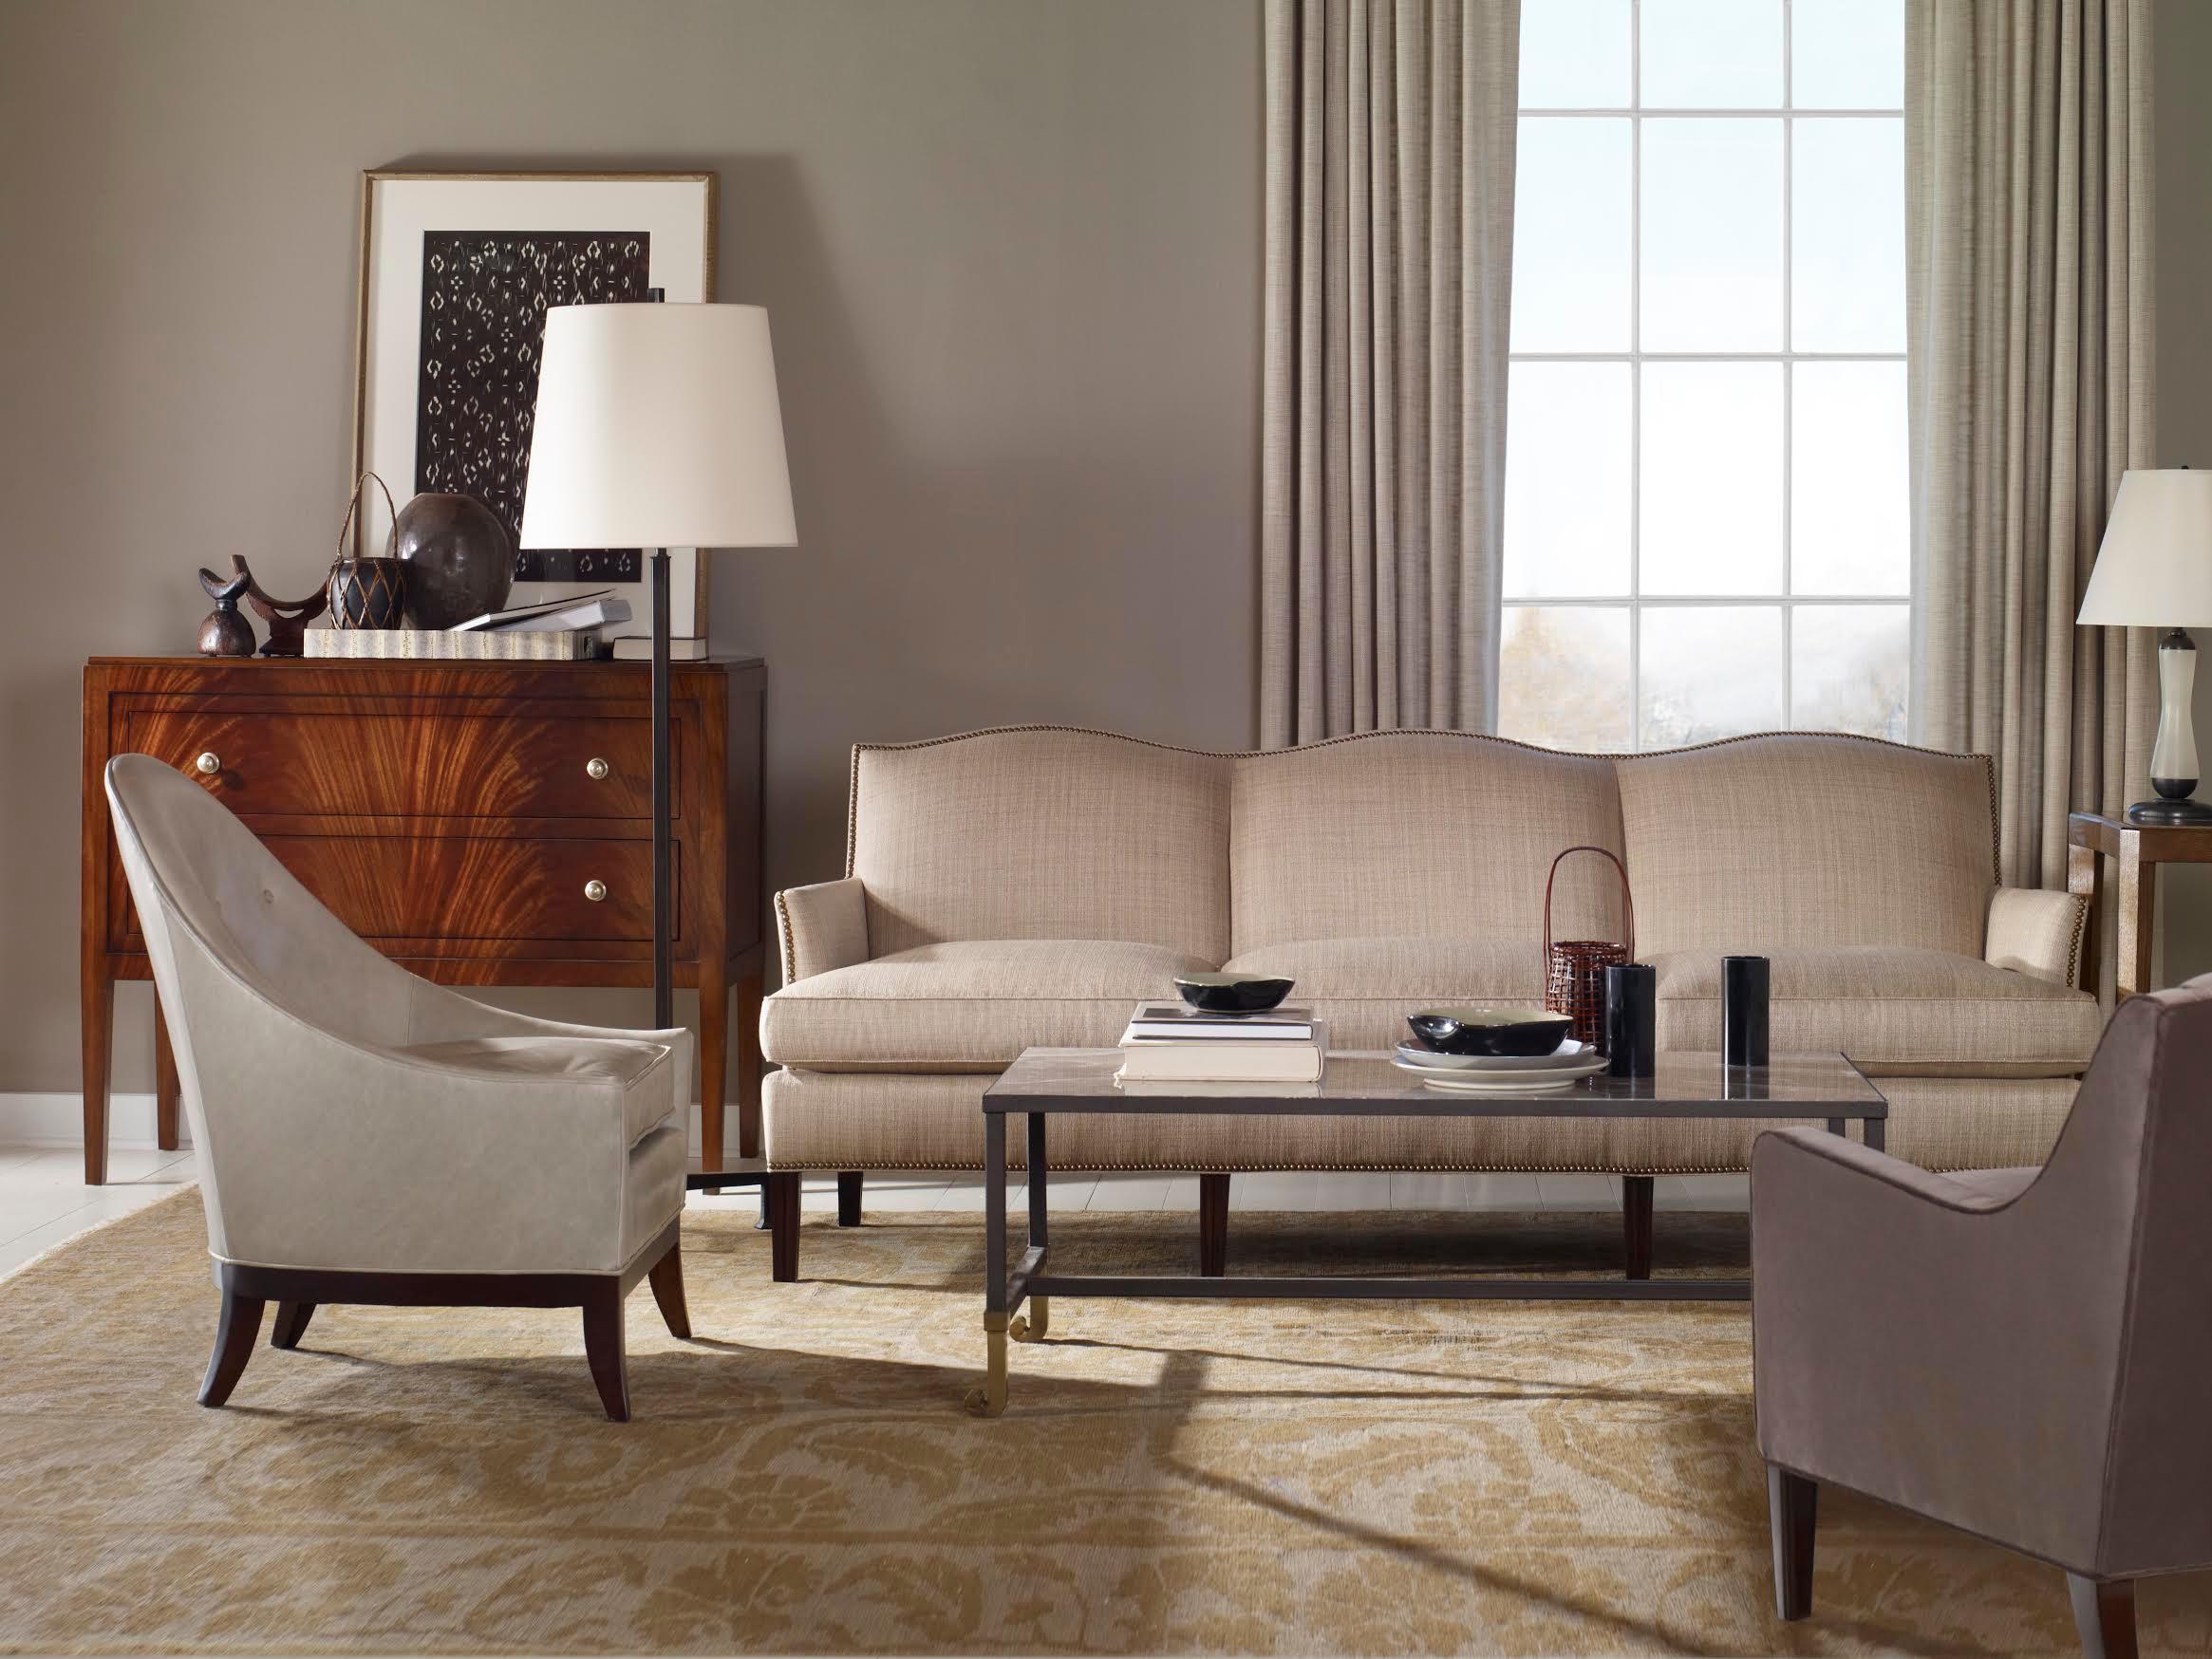 Gasior's Furniture & Interior Design image 6